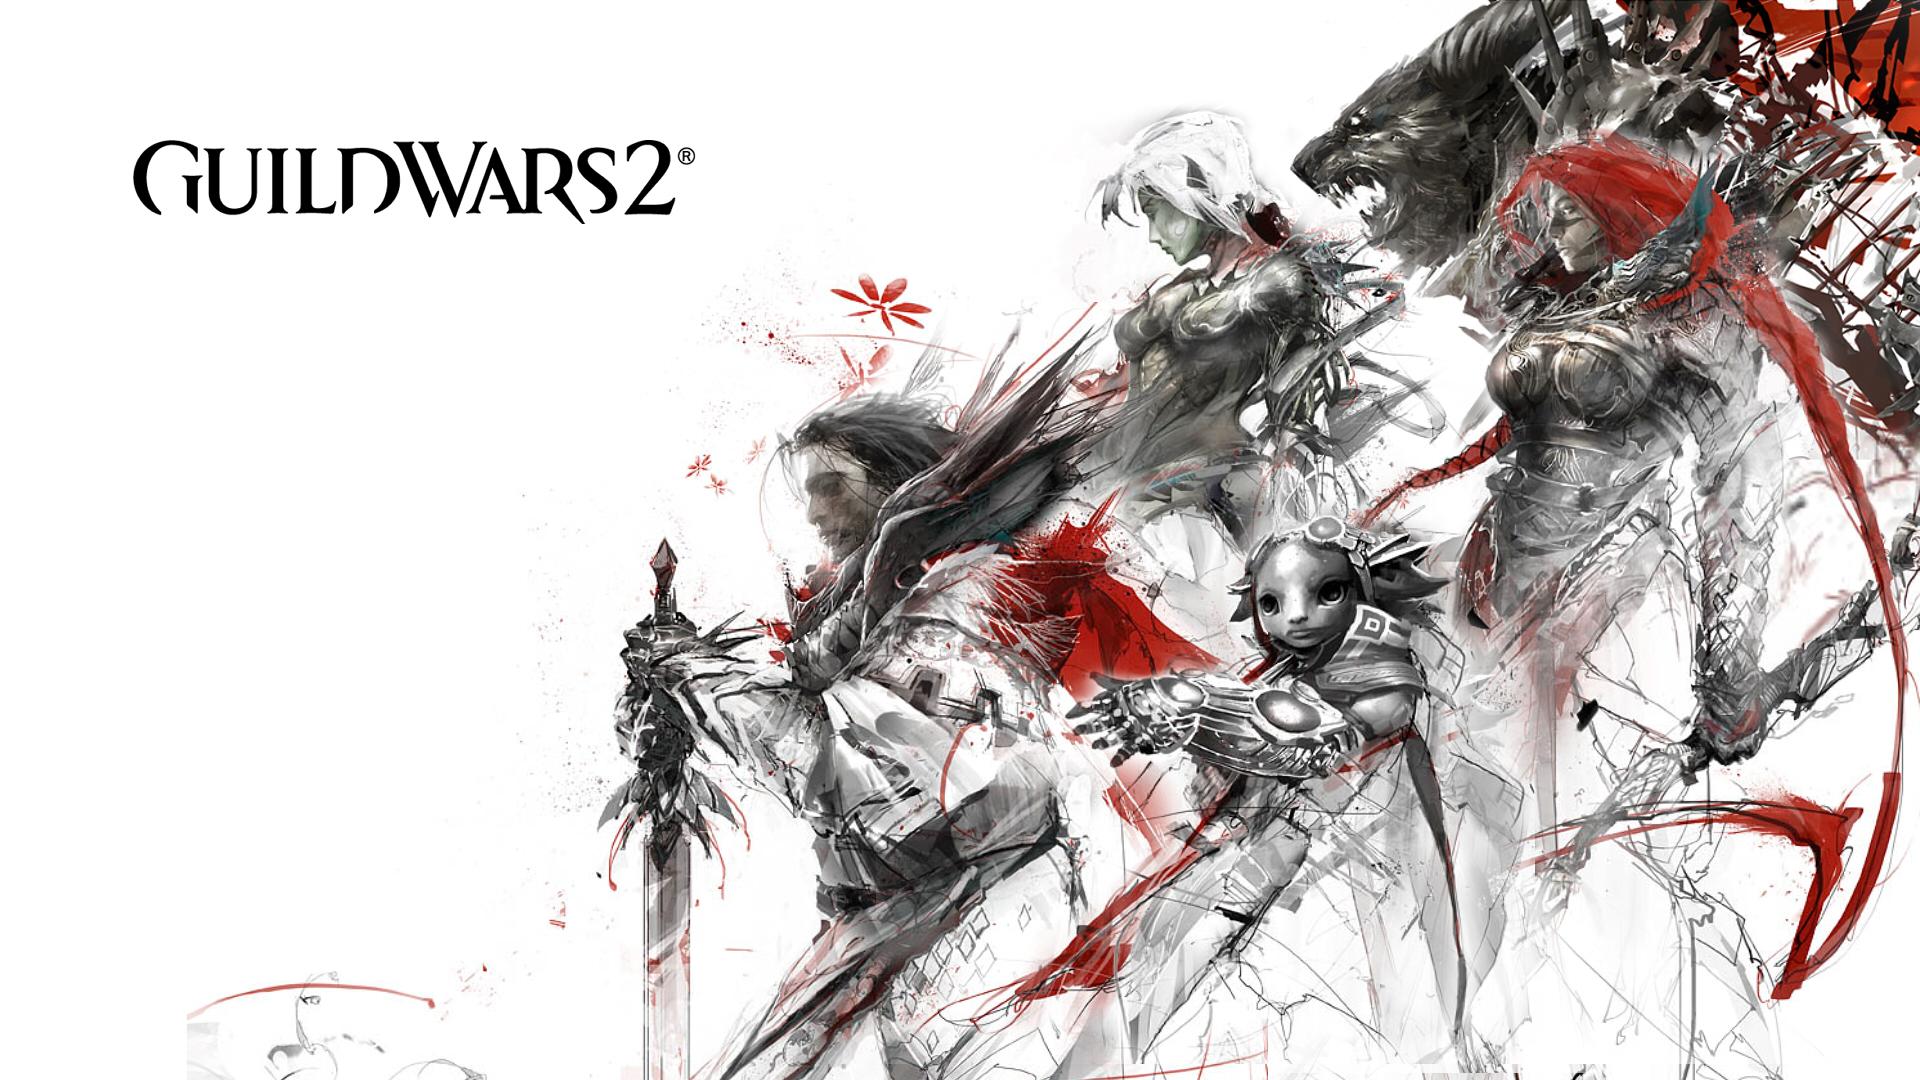 30 Image For Mobile Guild Wars 2